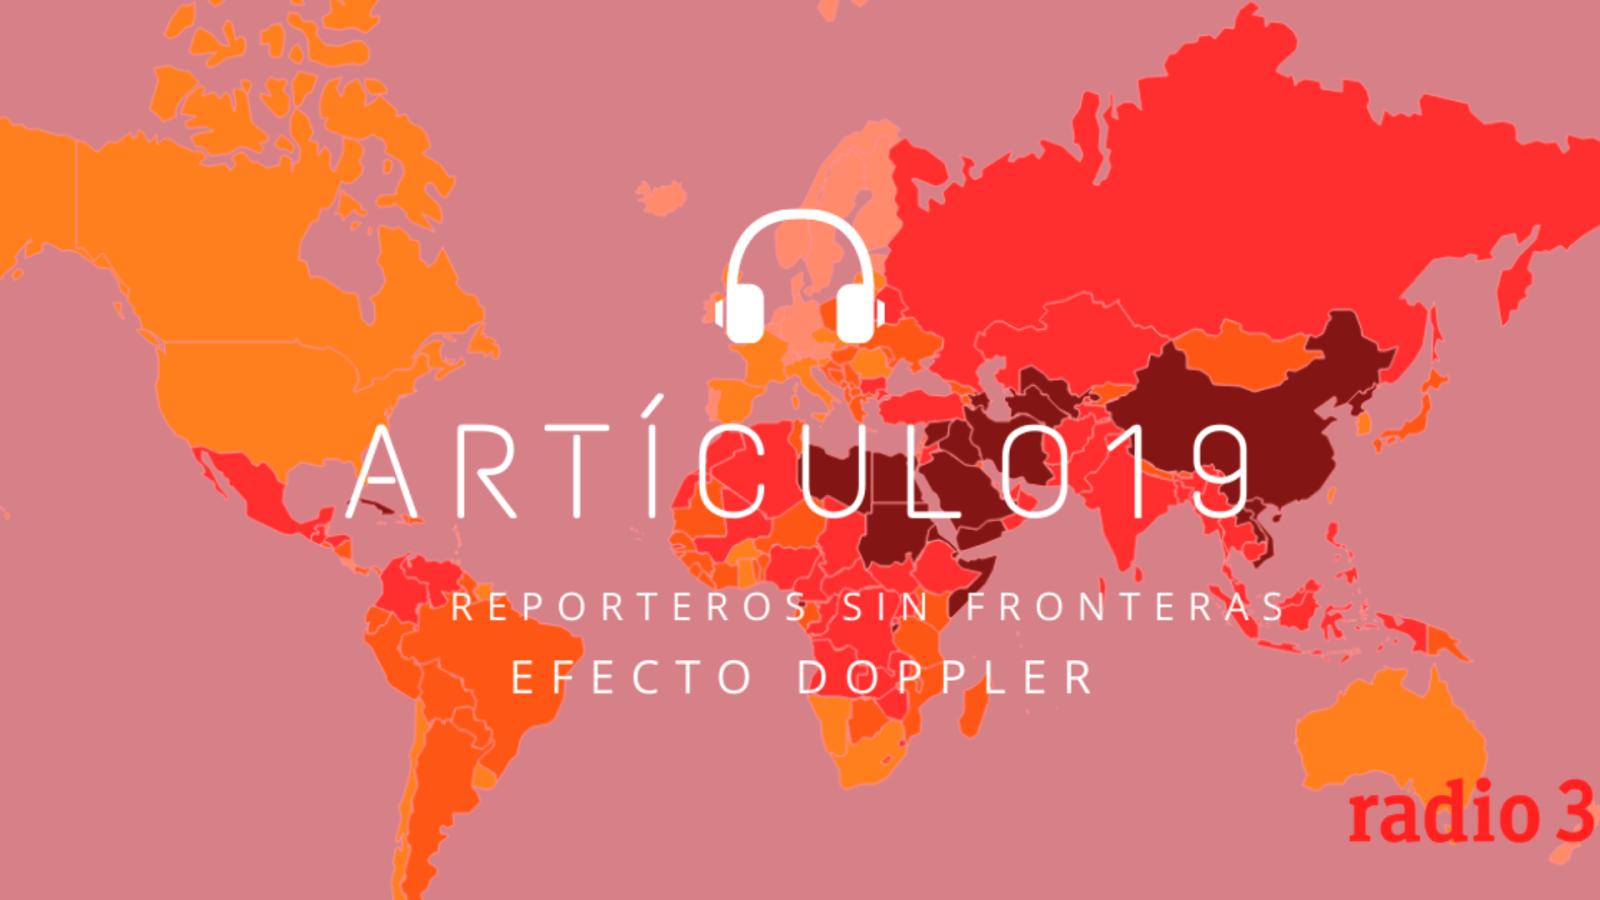 Efecto Doppler - Artículo 19: Mouna El Haimoud, periodismo multicultural - Escuchar ahora